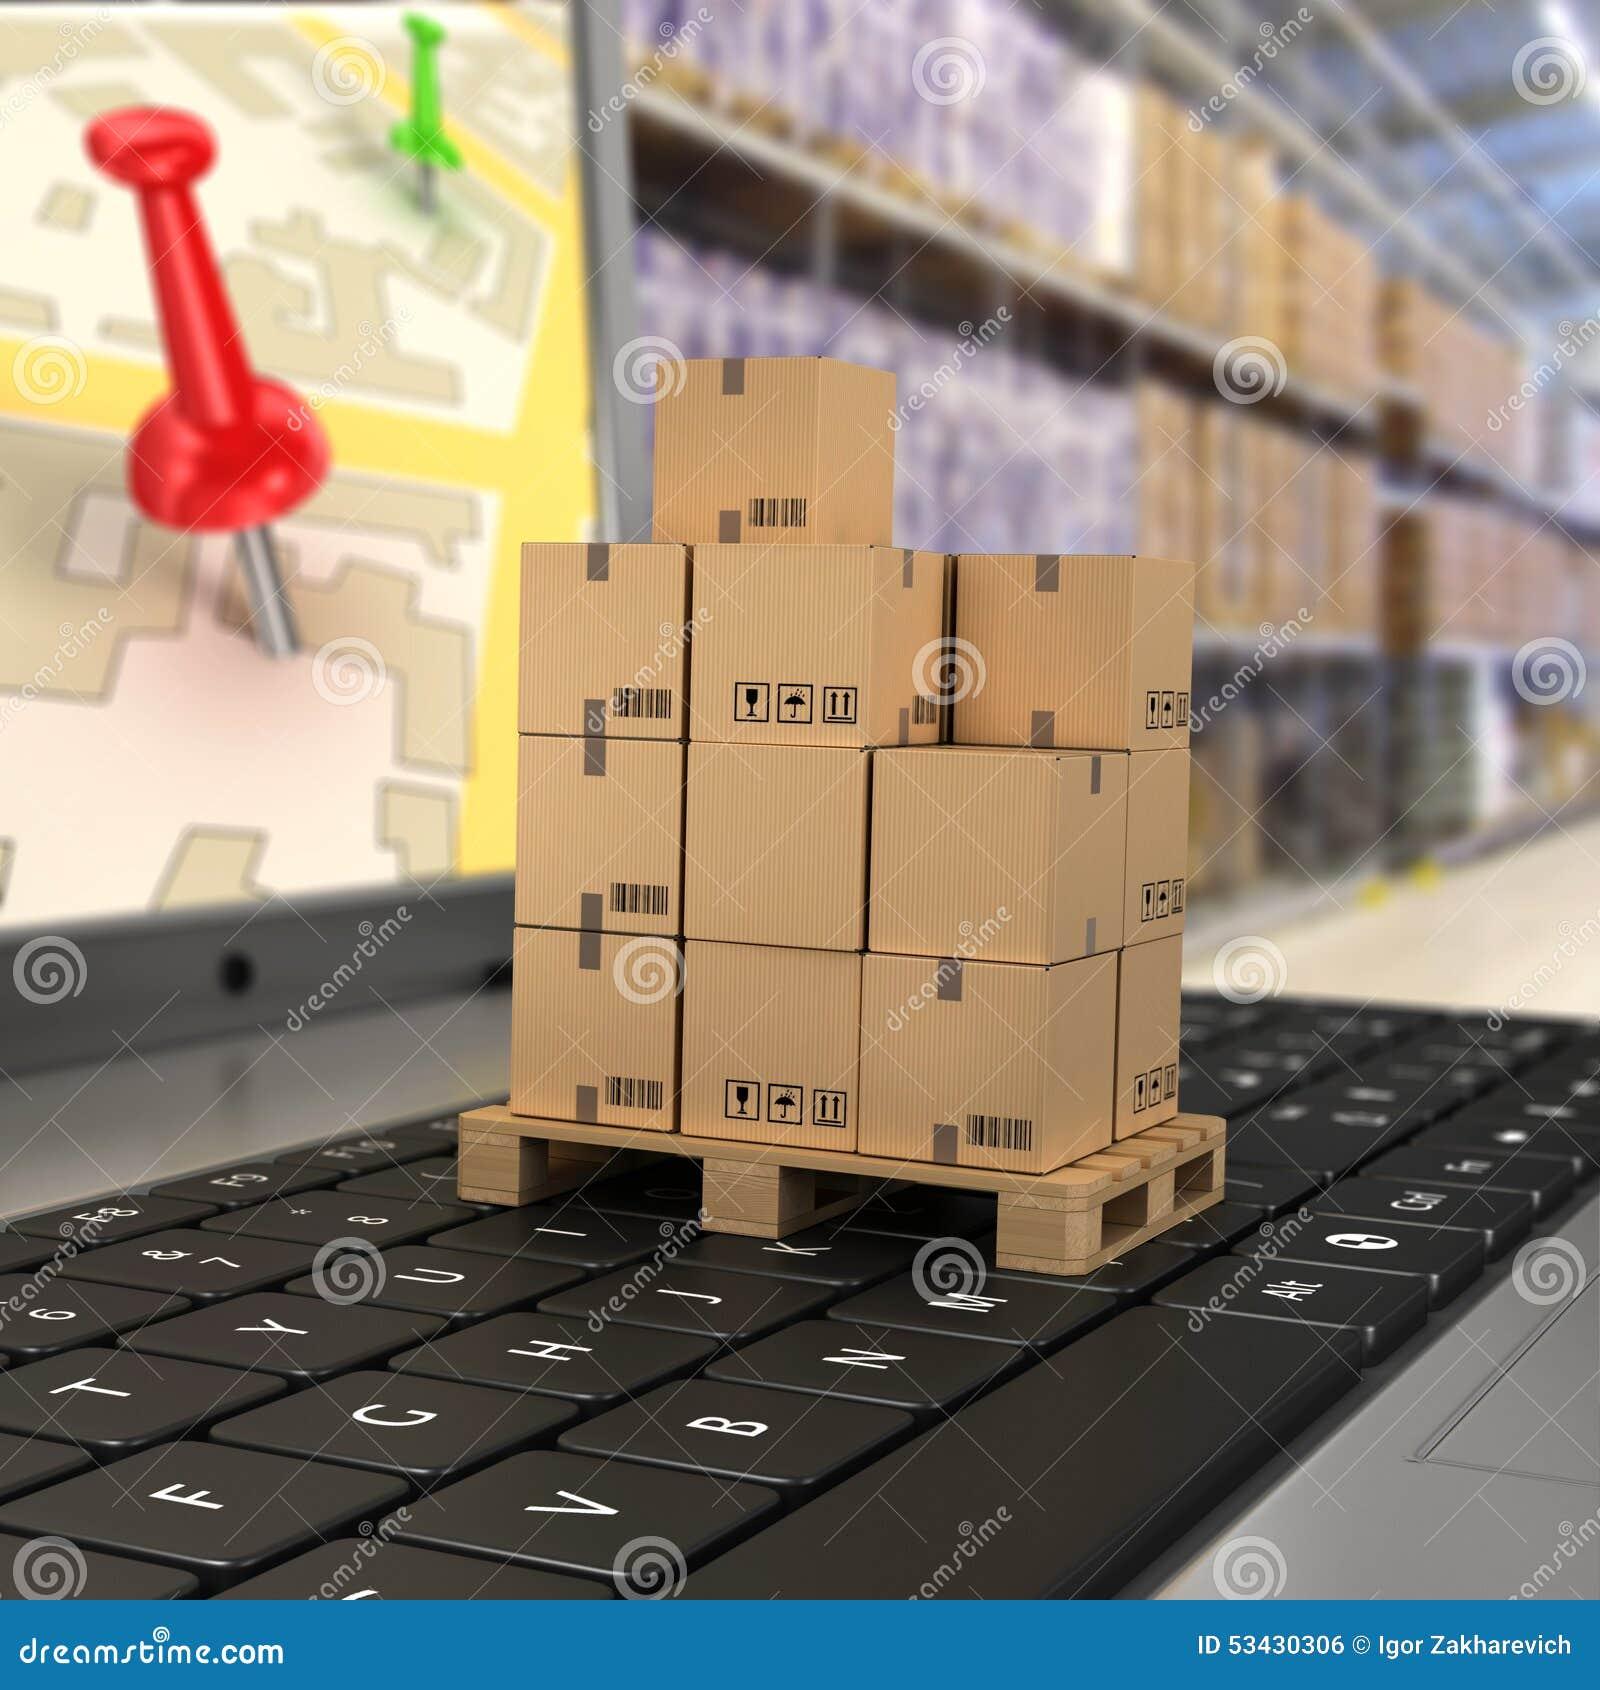 Shipping, Stock Illustration